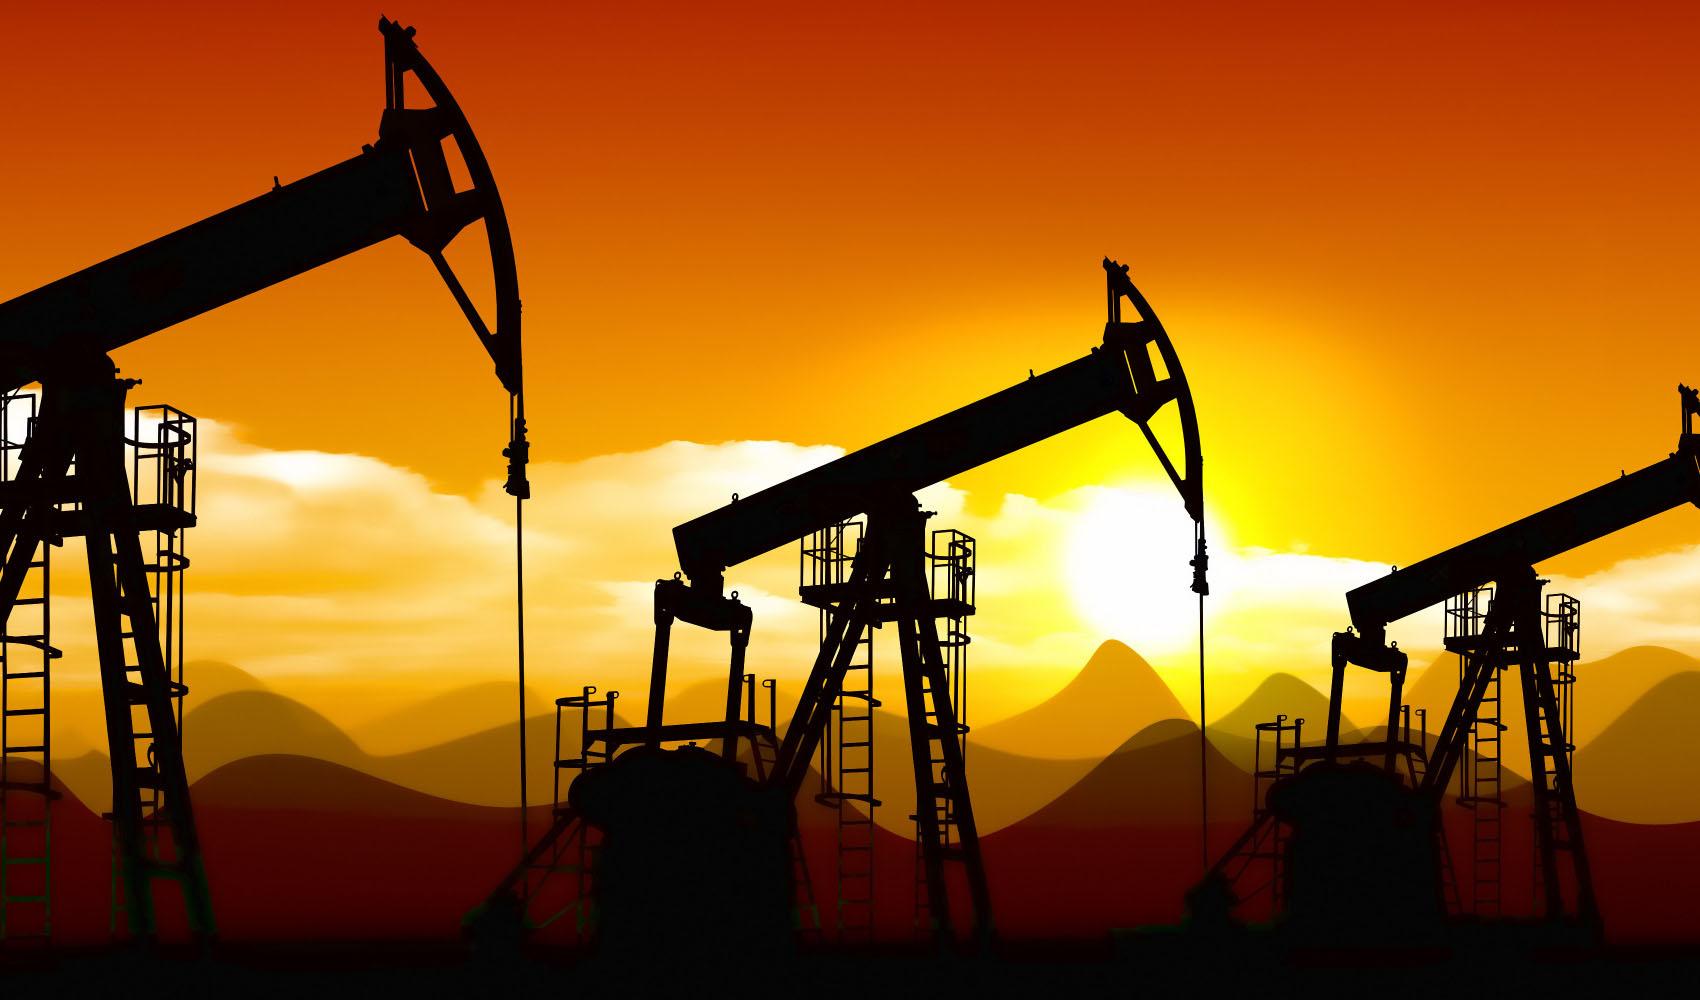 سقوط سهام بزرگترین شرکت نفتی روسیه پس از تحریمهای جدید آمریکا